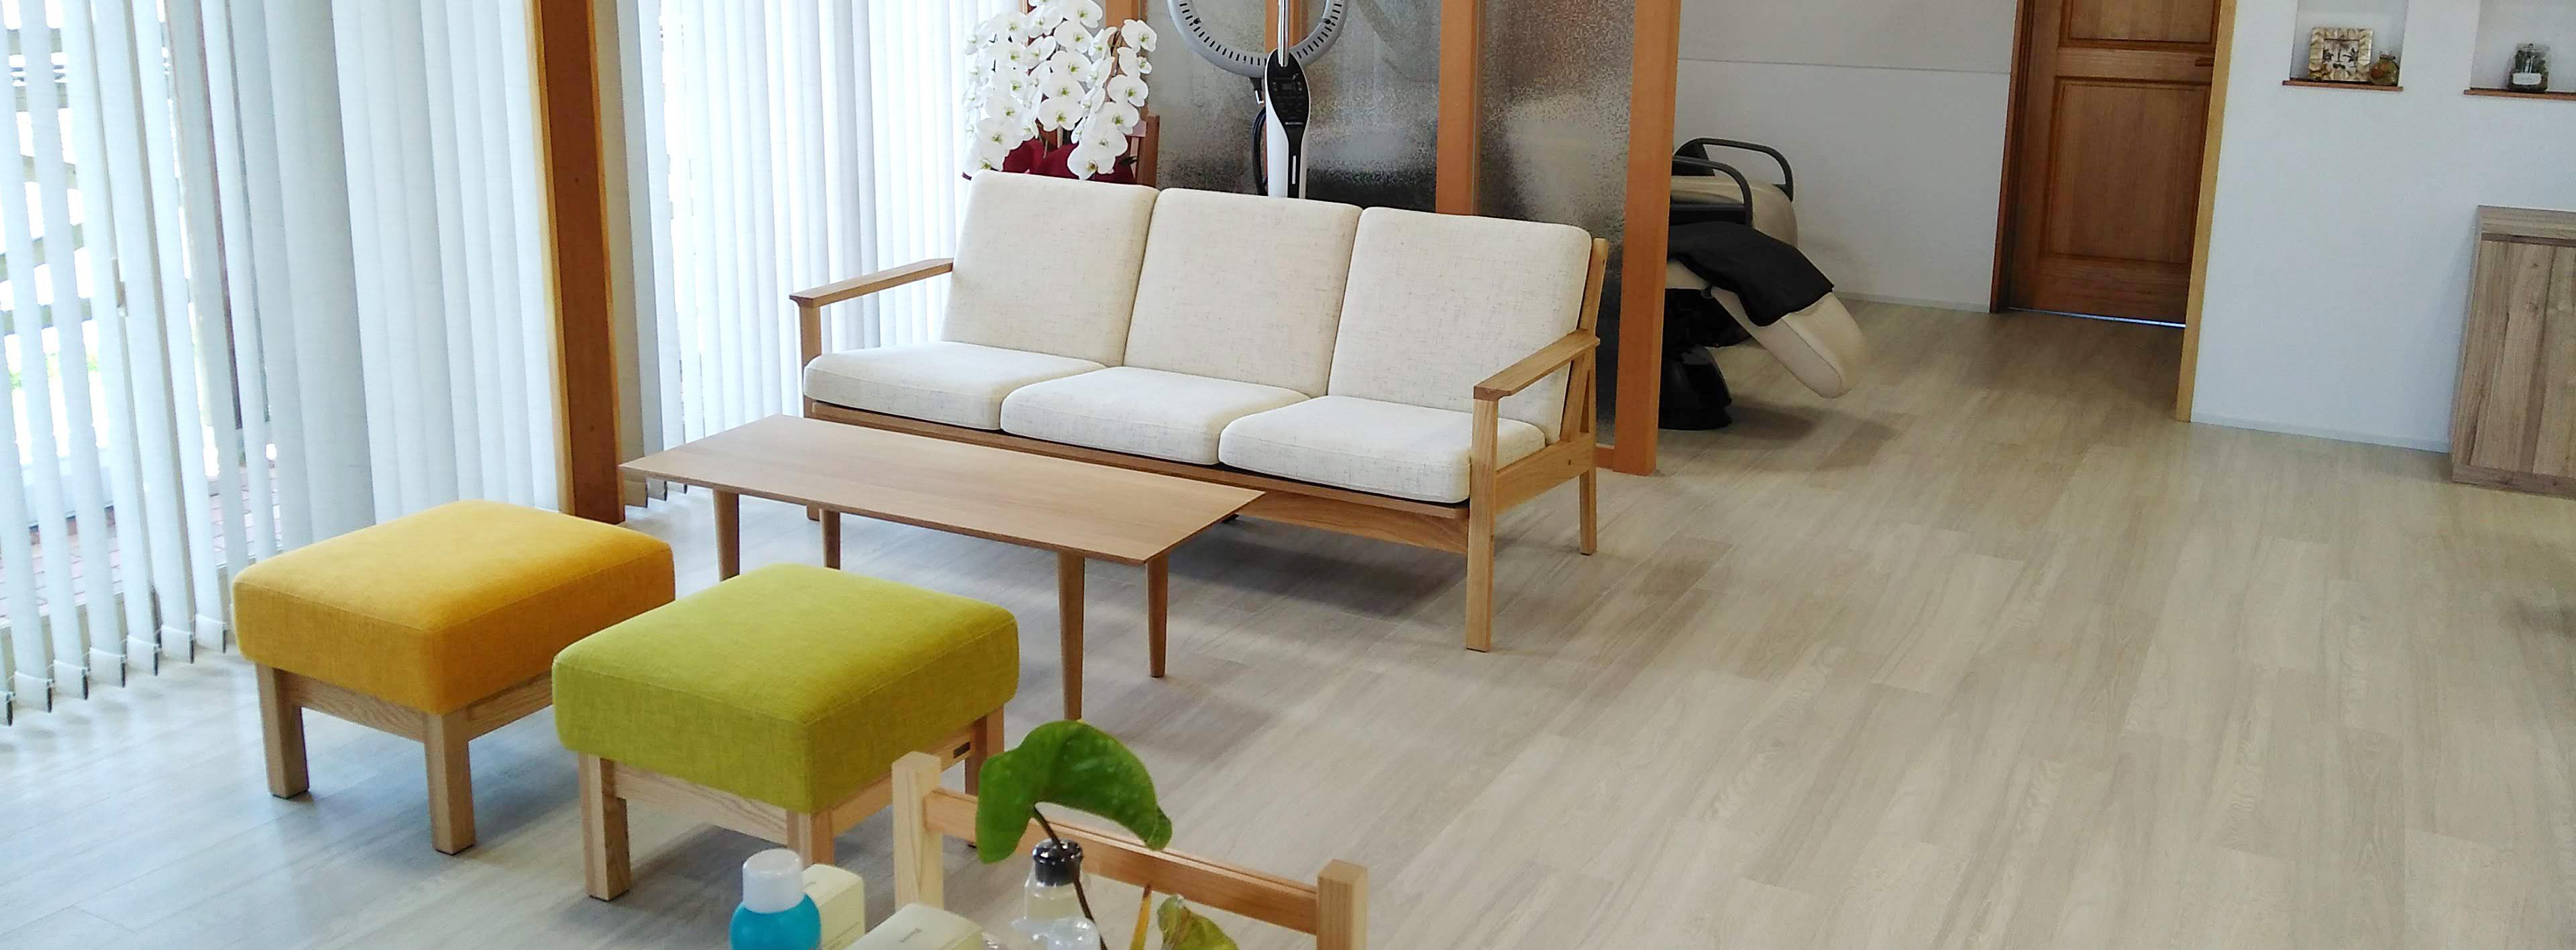 射水市の美容室| 心地よい空間で、美しく。あなたらしいスタイルを提案します。